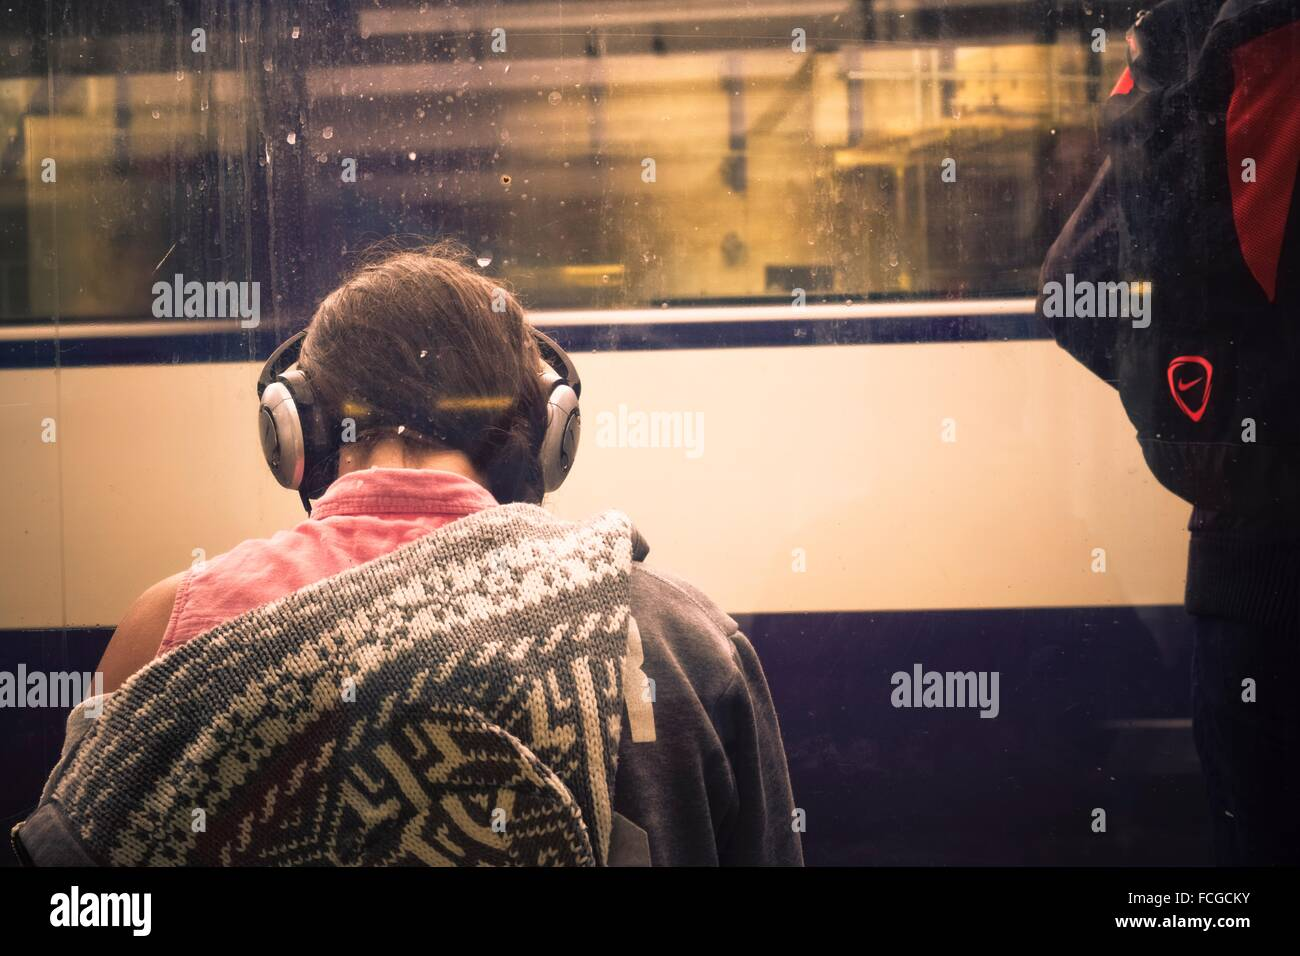 Junge Frau mit Kopfhörer Musik hören. Im Hintergrund das Auto von einem Zug in Bewegung. London, England, Stockbild